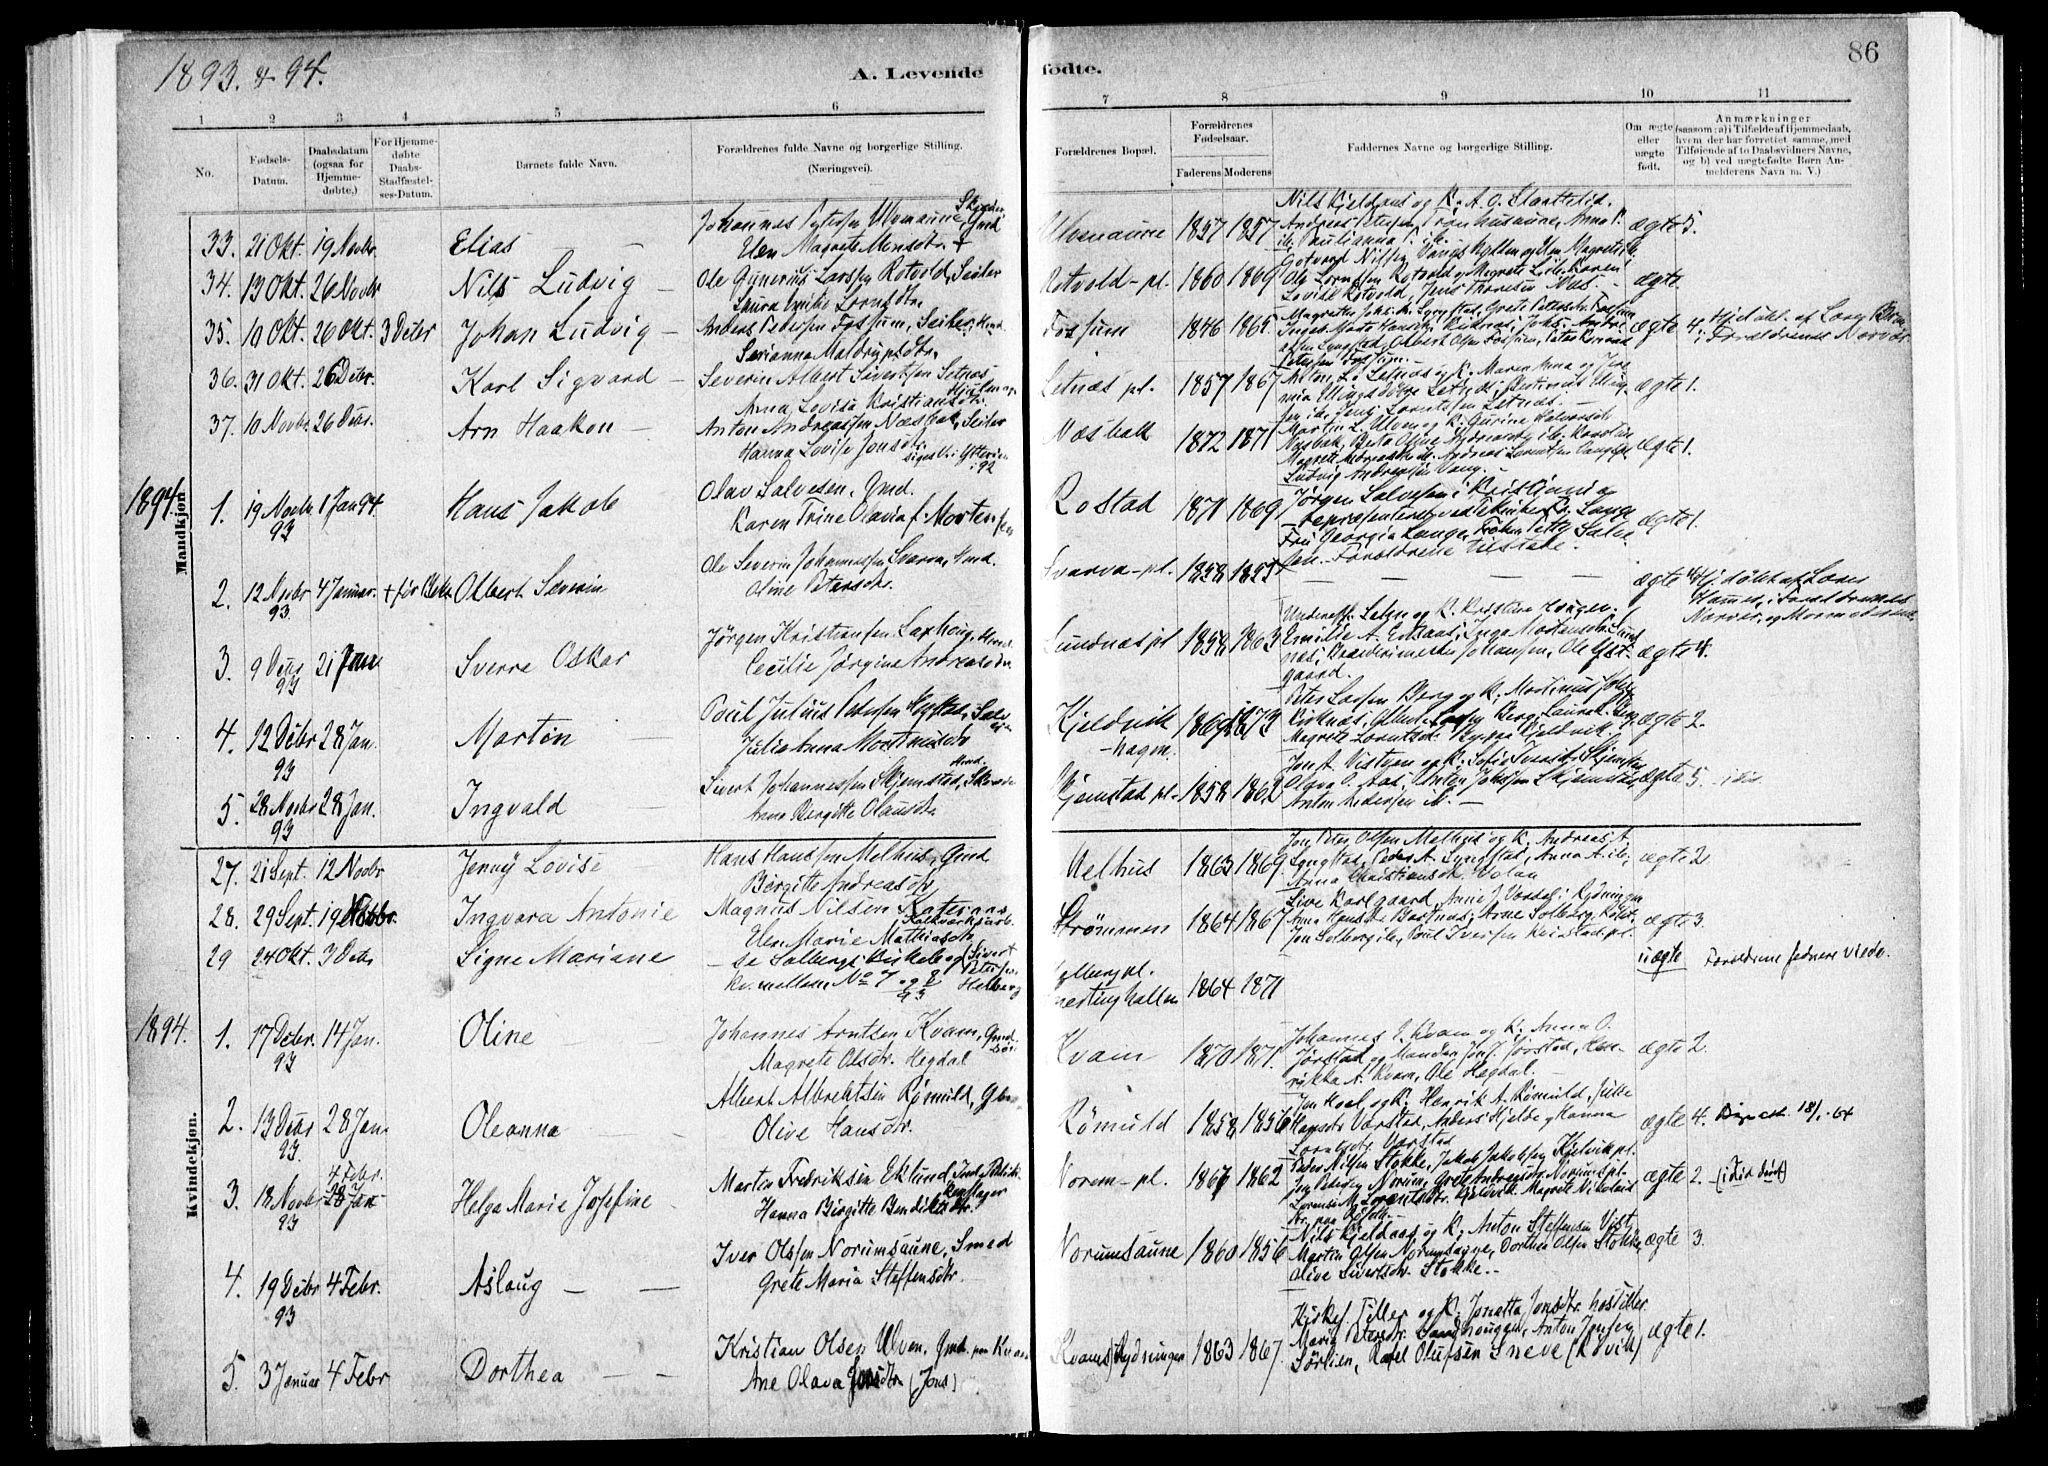 SAT, Ministerialprotokoller, klokkerbøker og fødselsregistre - Nord-Trøndelag, 730/L0285: Ministerialbok nr. 730A10, 1879-1914, s. 86